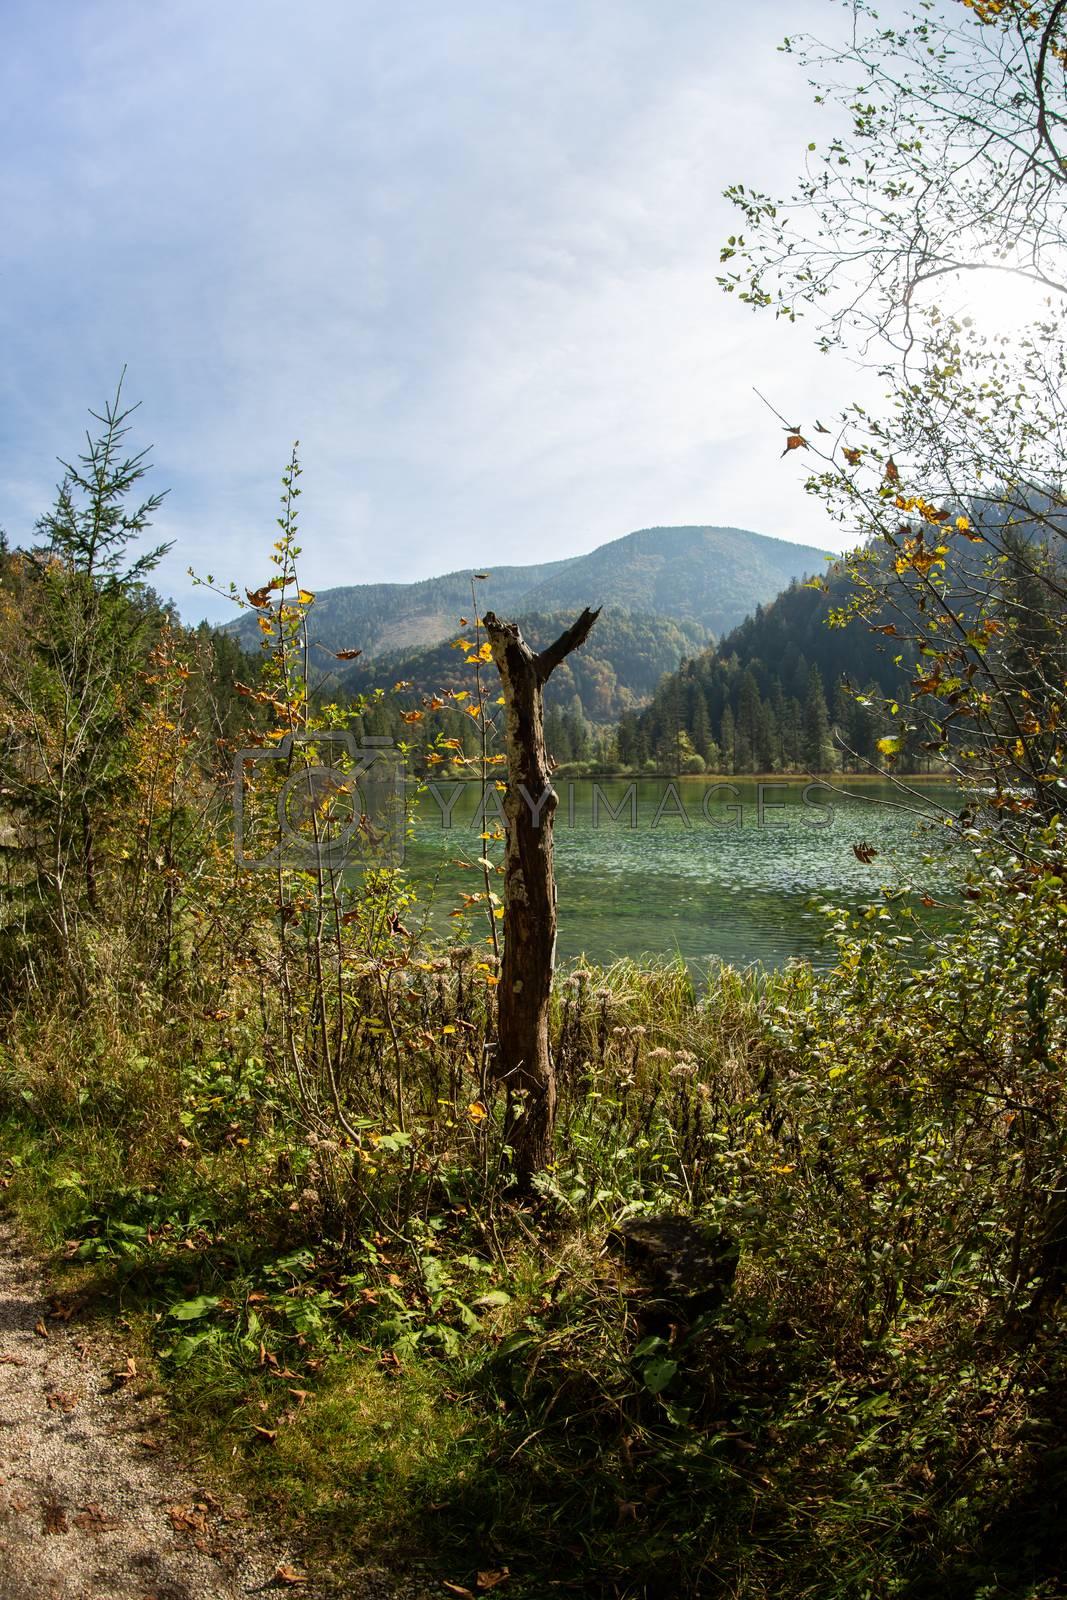 Sommer landscape at the Schiederweiher in austria by Sandra Fotodesign